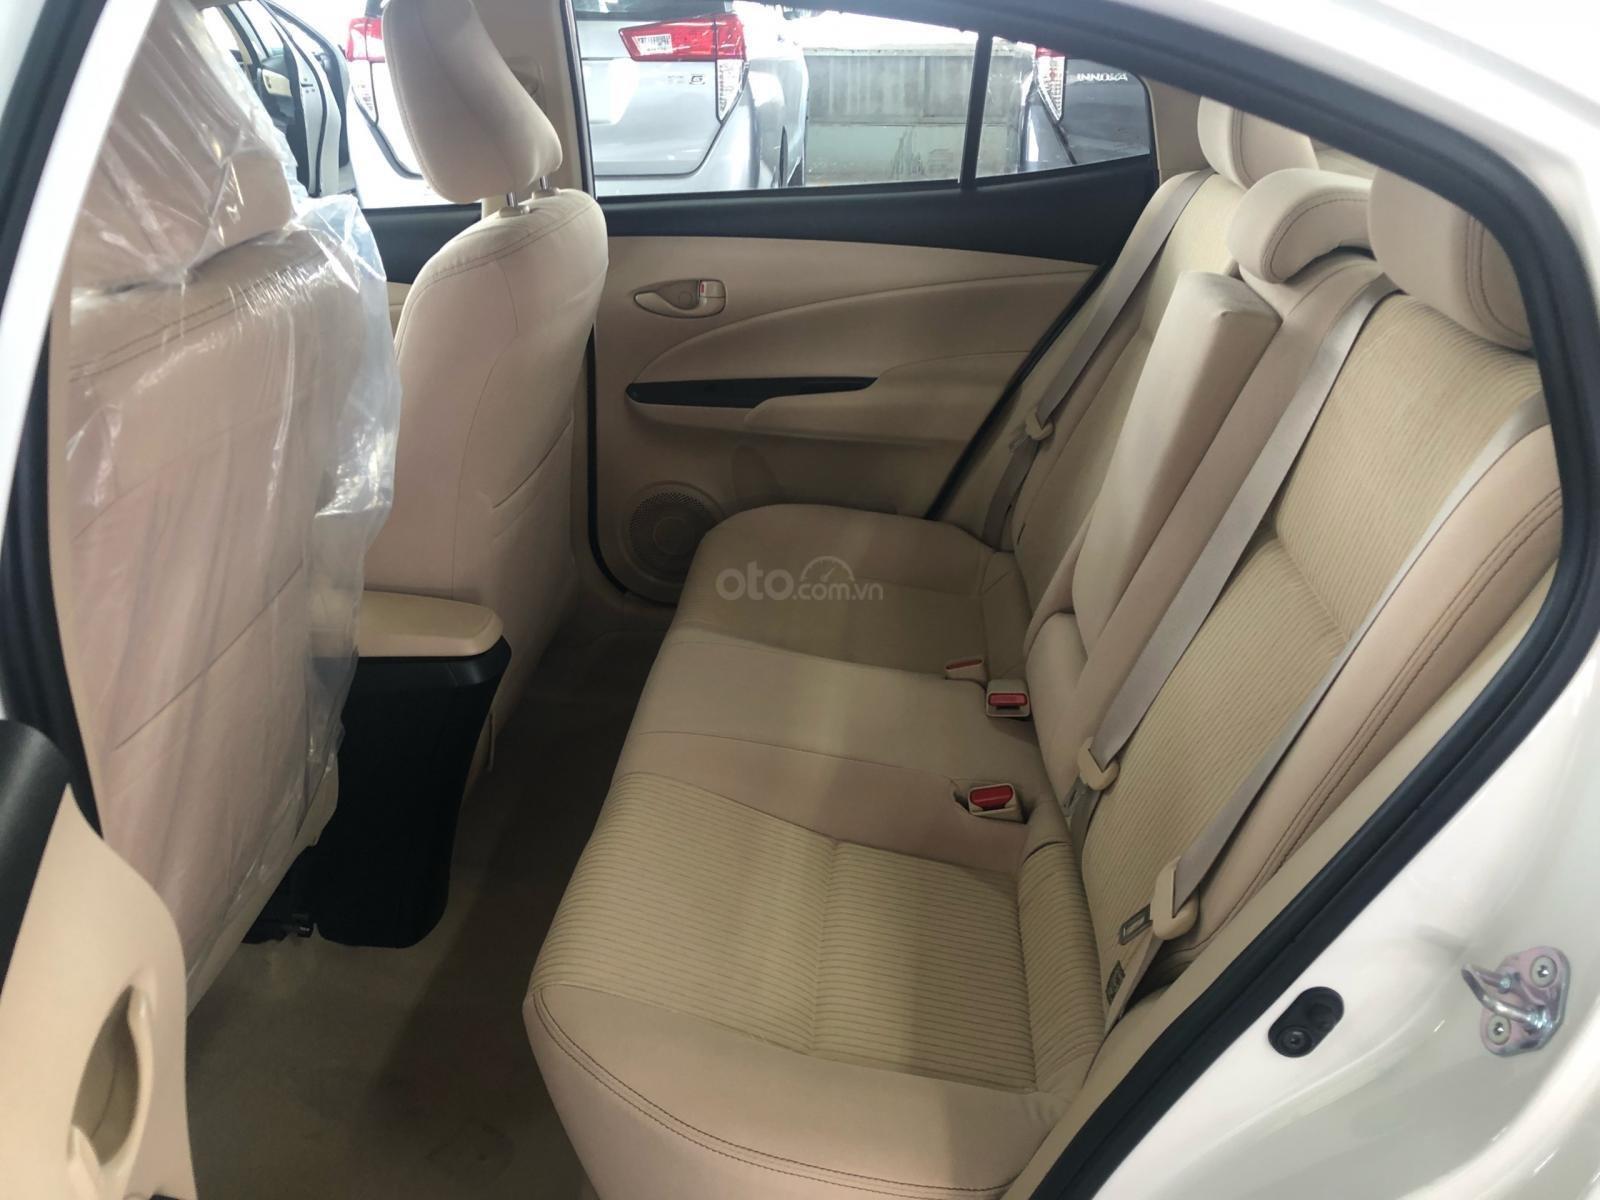 Toyota Hùng Vương Toyota Vios G, giá chỉ 520 triệu, giao ngay, đủ màu (5)